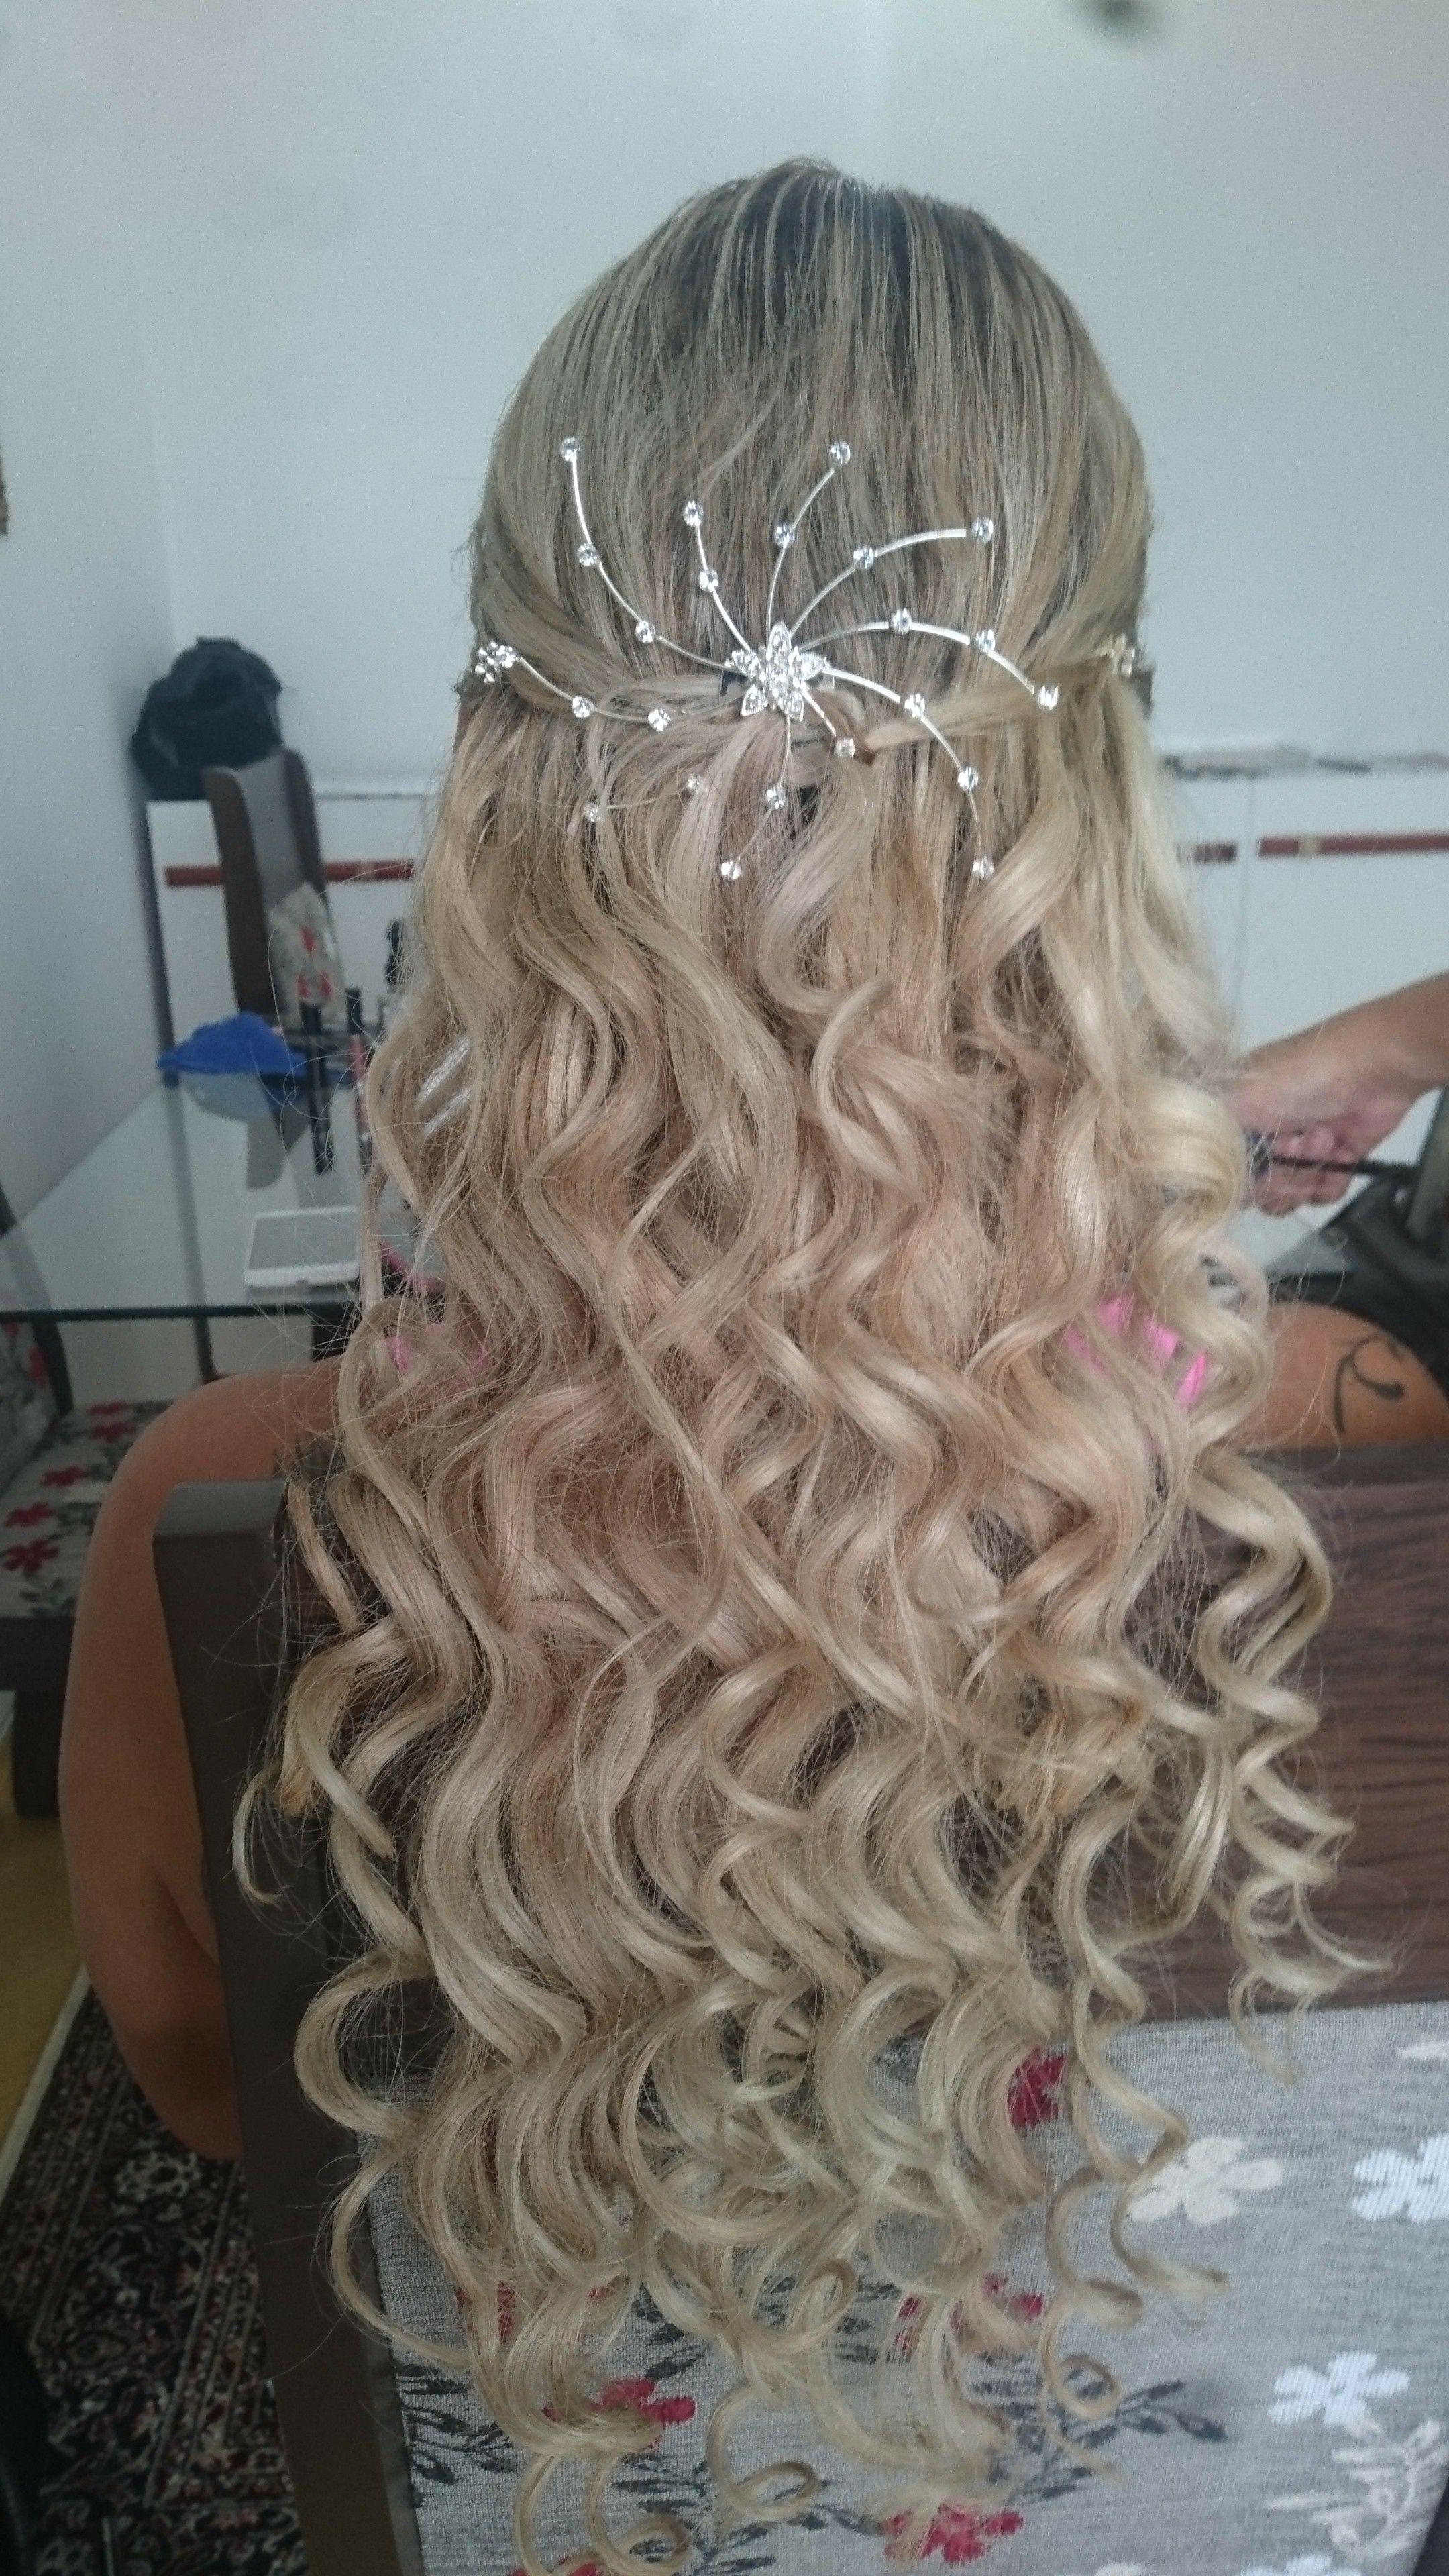 Penteado semi preso modelado com babyliss cabelo cabeleireiro(a)